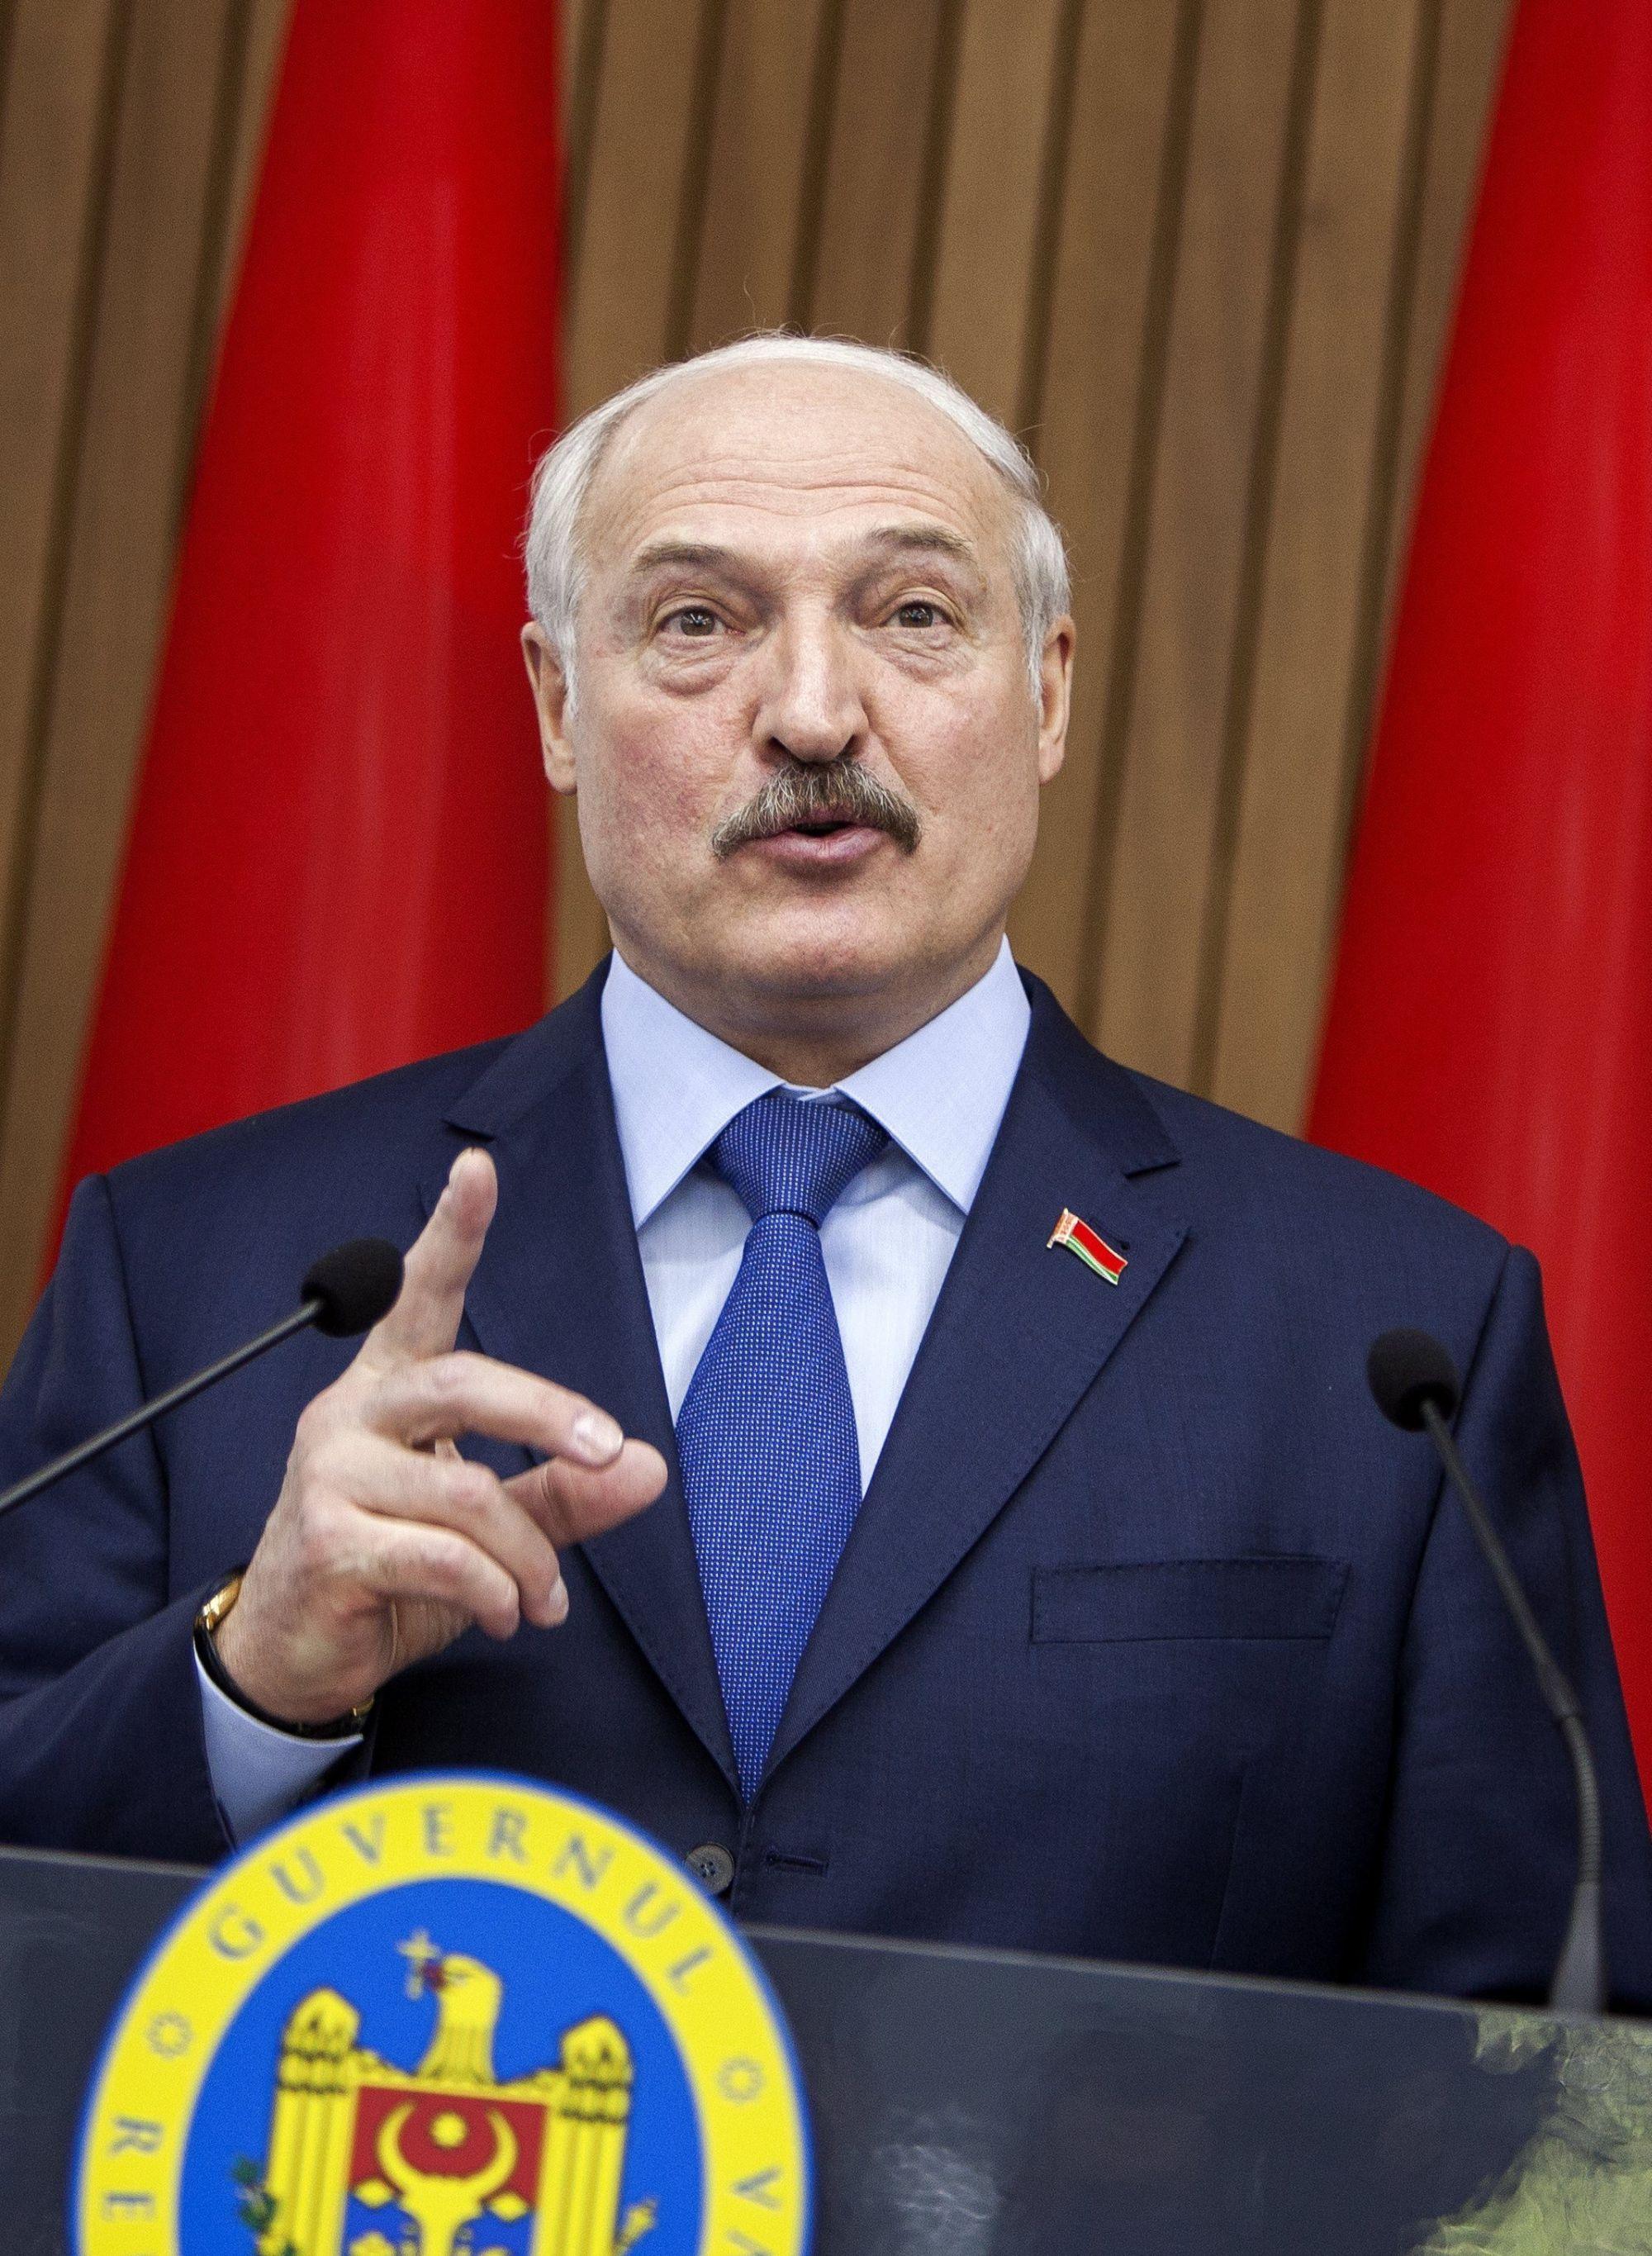 A kétnapos látogatáson Moldovában tartózkodó Aljakszandr Lukasenka fehérorosz elnök közös sajtótájékoztatót tart Pavel Filip moldovai miniszterelnökkel Chisinauban 2018. április 19-én. (MTI/EPA/Dumitru Doru)